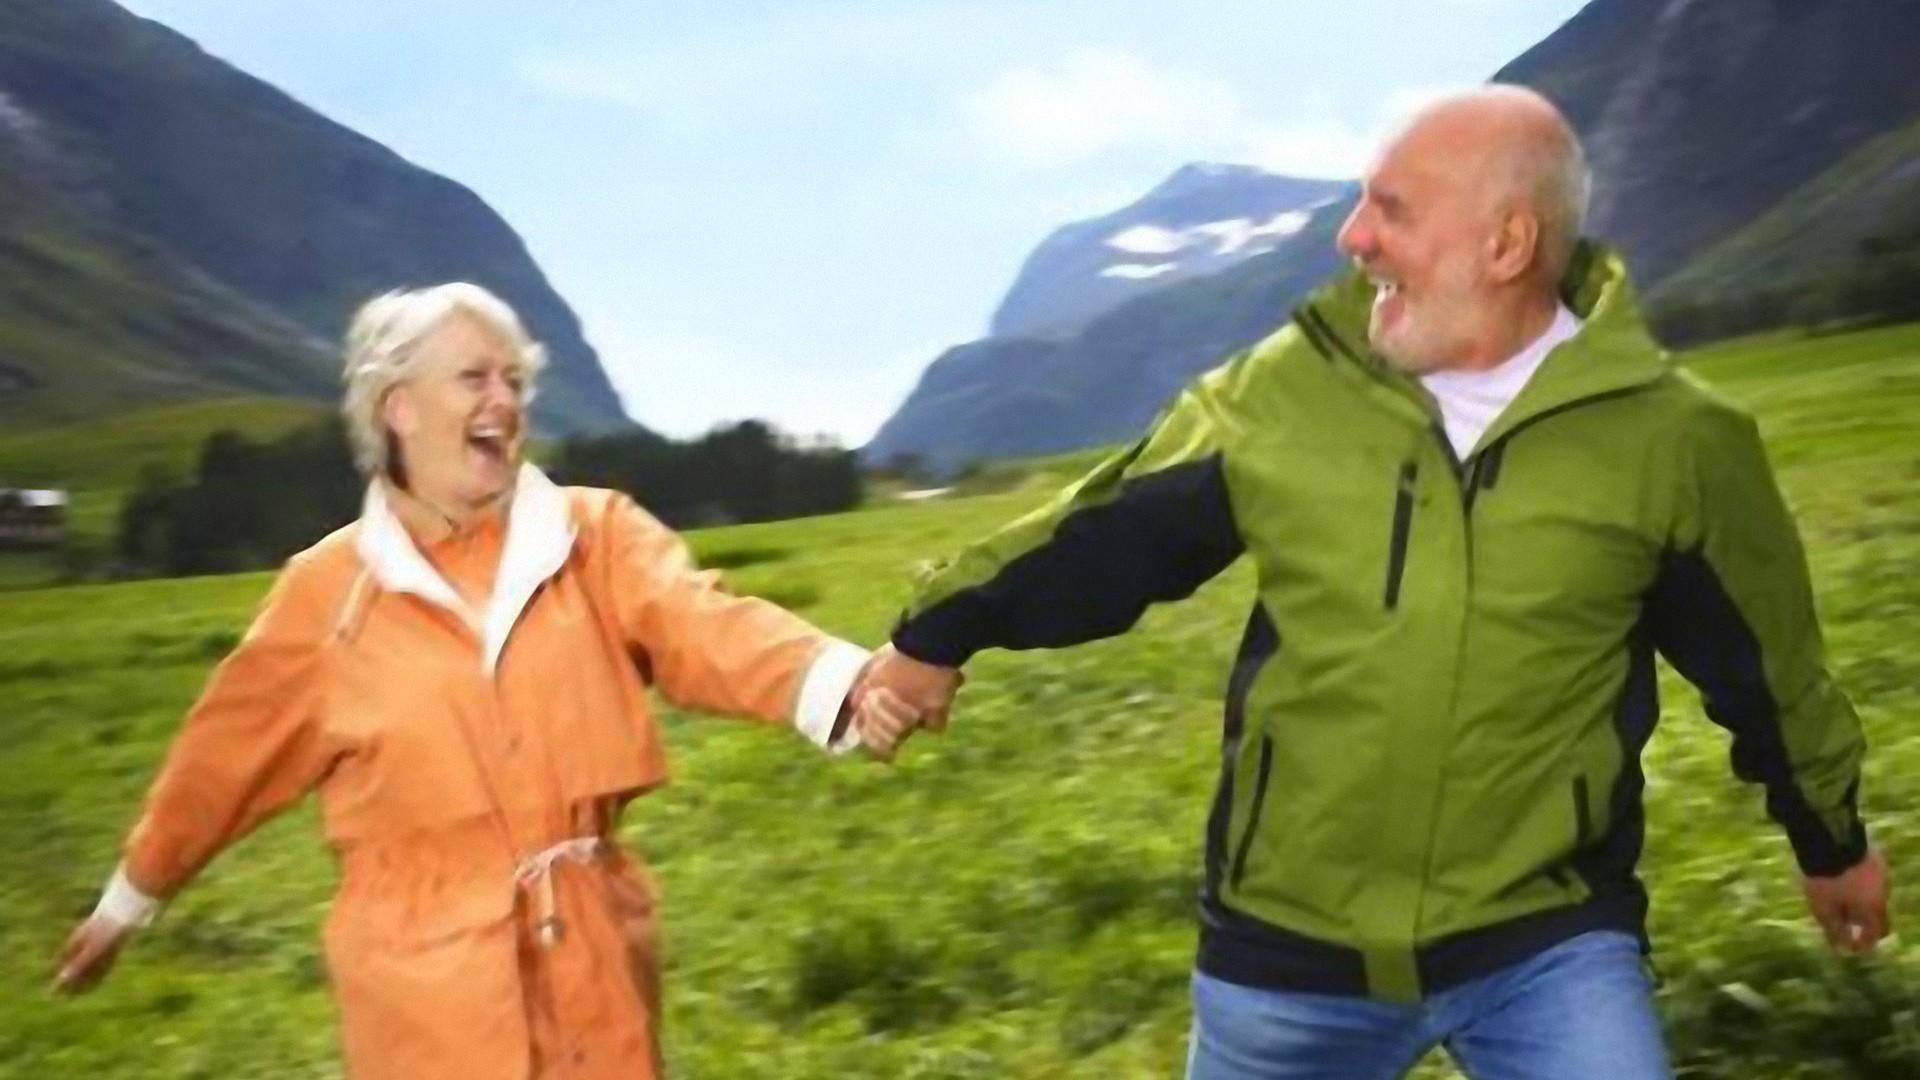 Ученые раскрыли секрет высокой длительности жизни человека